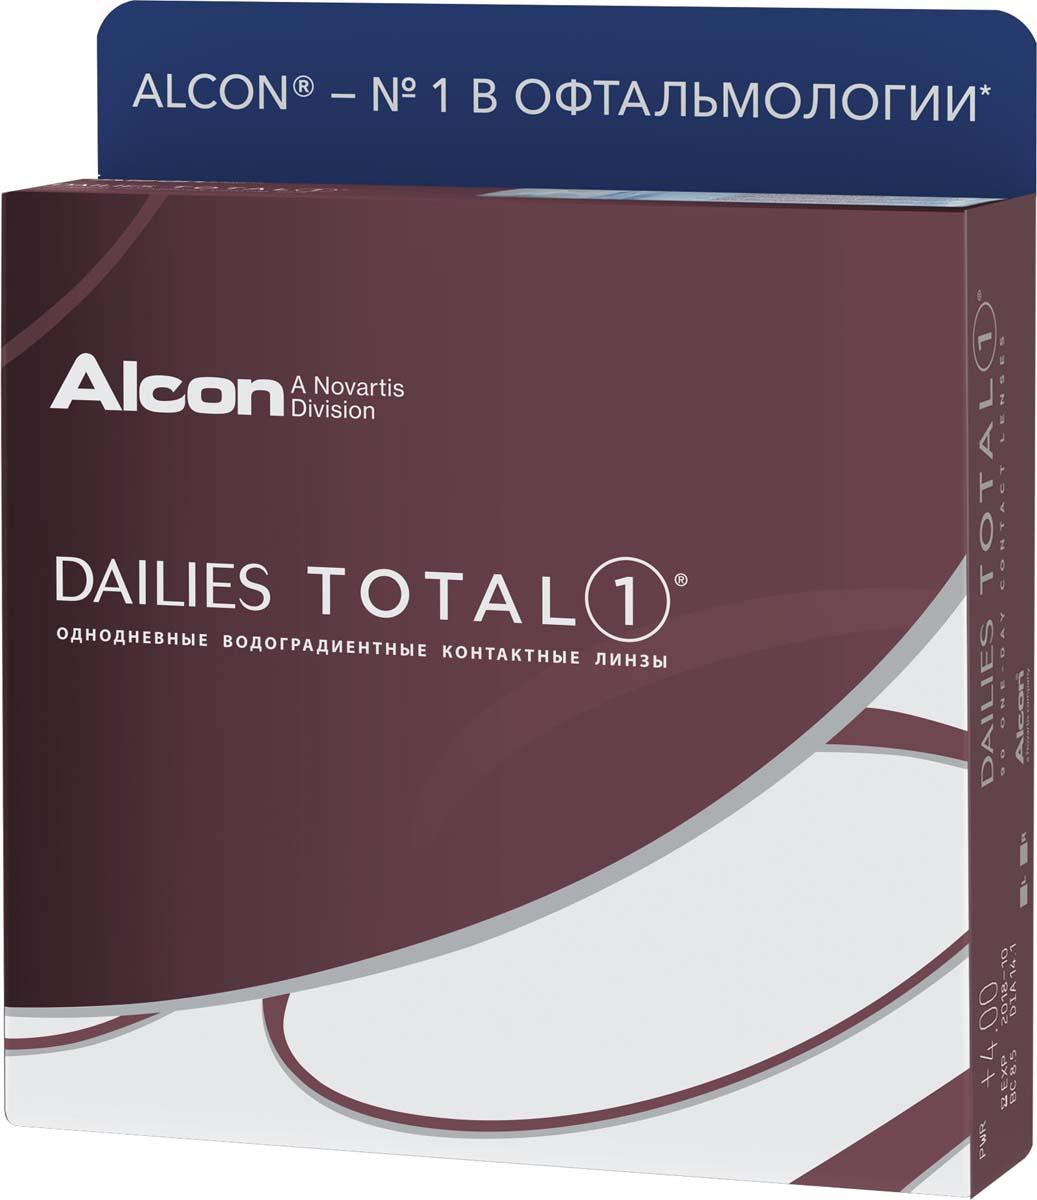 Аlcon Контактные линзы Dailies Total 90 шт /-9.50 /8.5 /14.1 аlcon контактные линзы freshlook dimensions 2шт 0 00 pacific blue